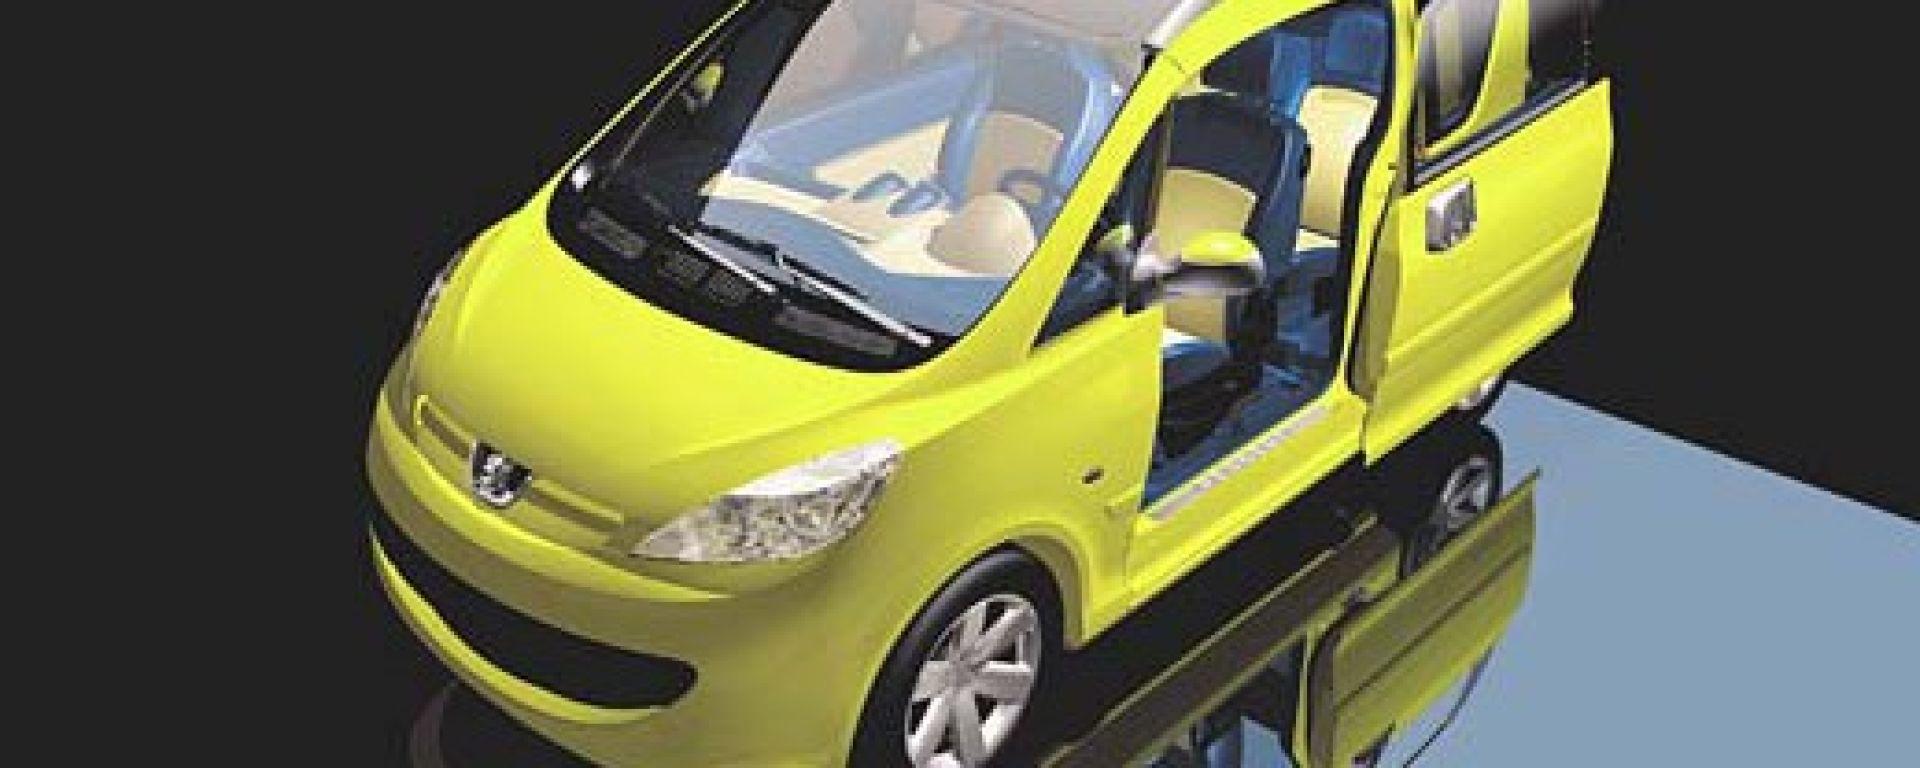 Anteprima:Peugeot 107